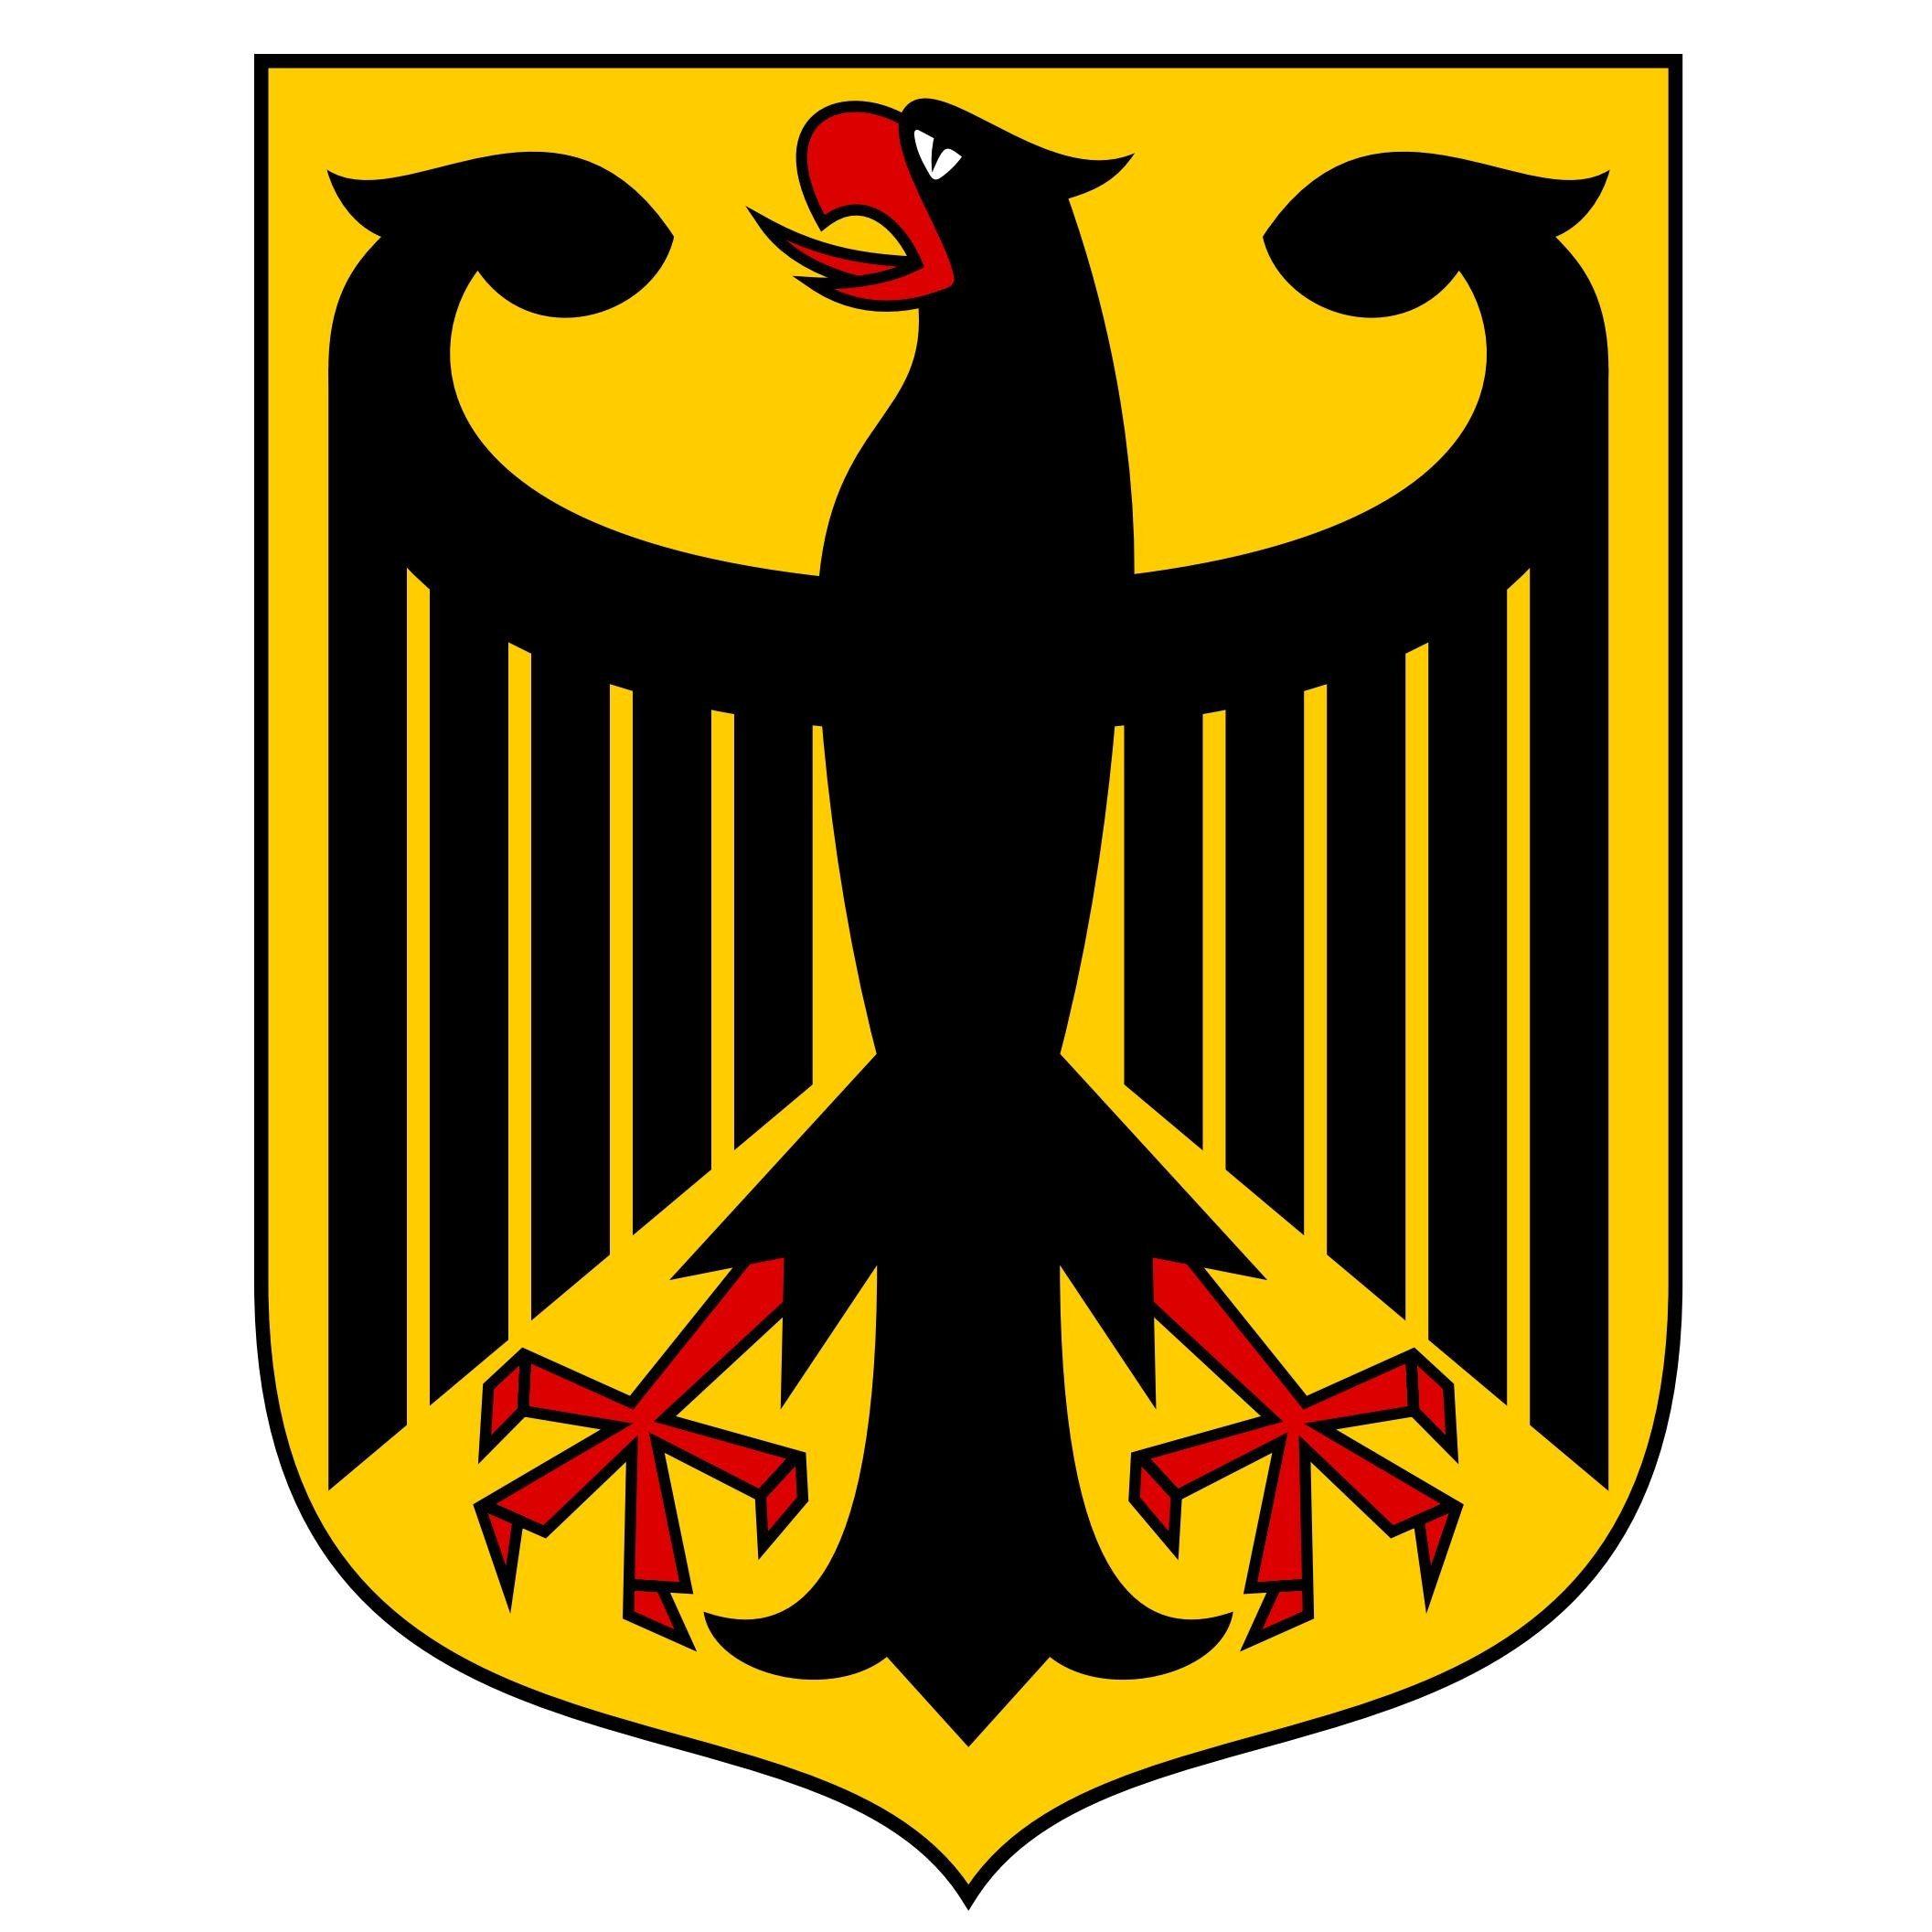 Deutschlands_Arms